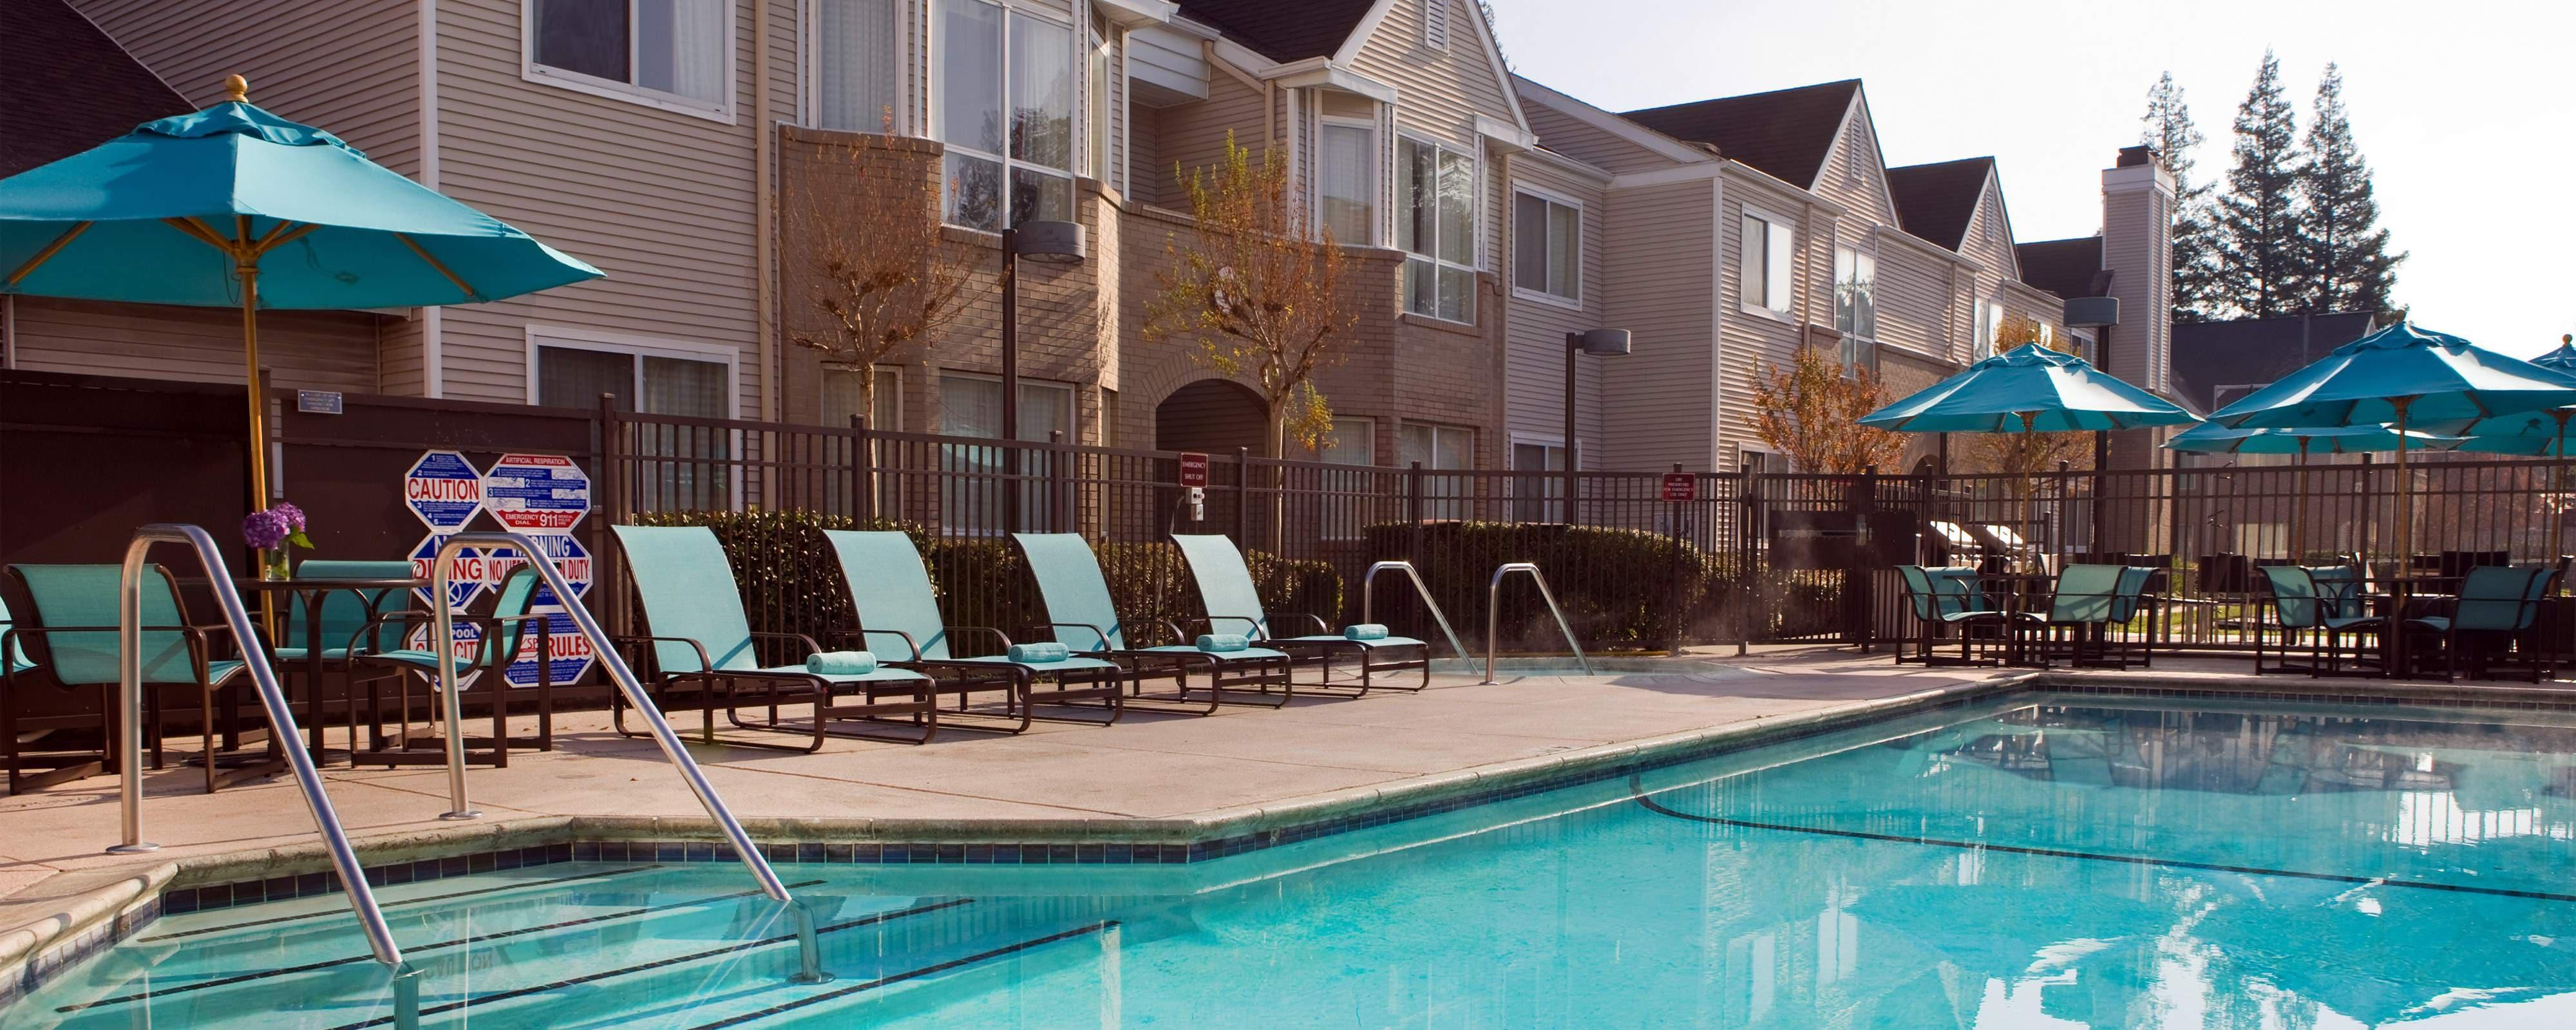 Hotelpool in Concord, CA